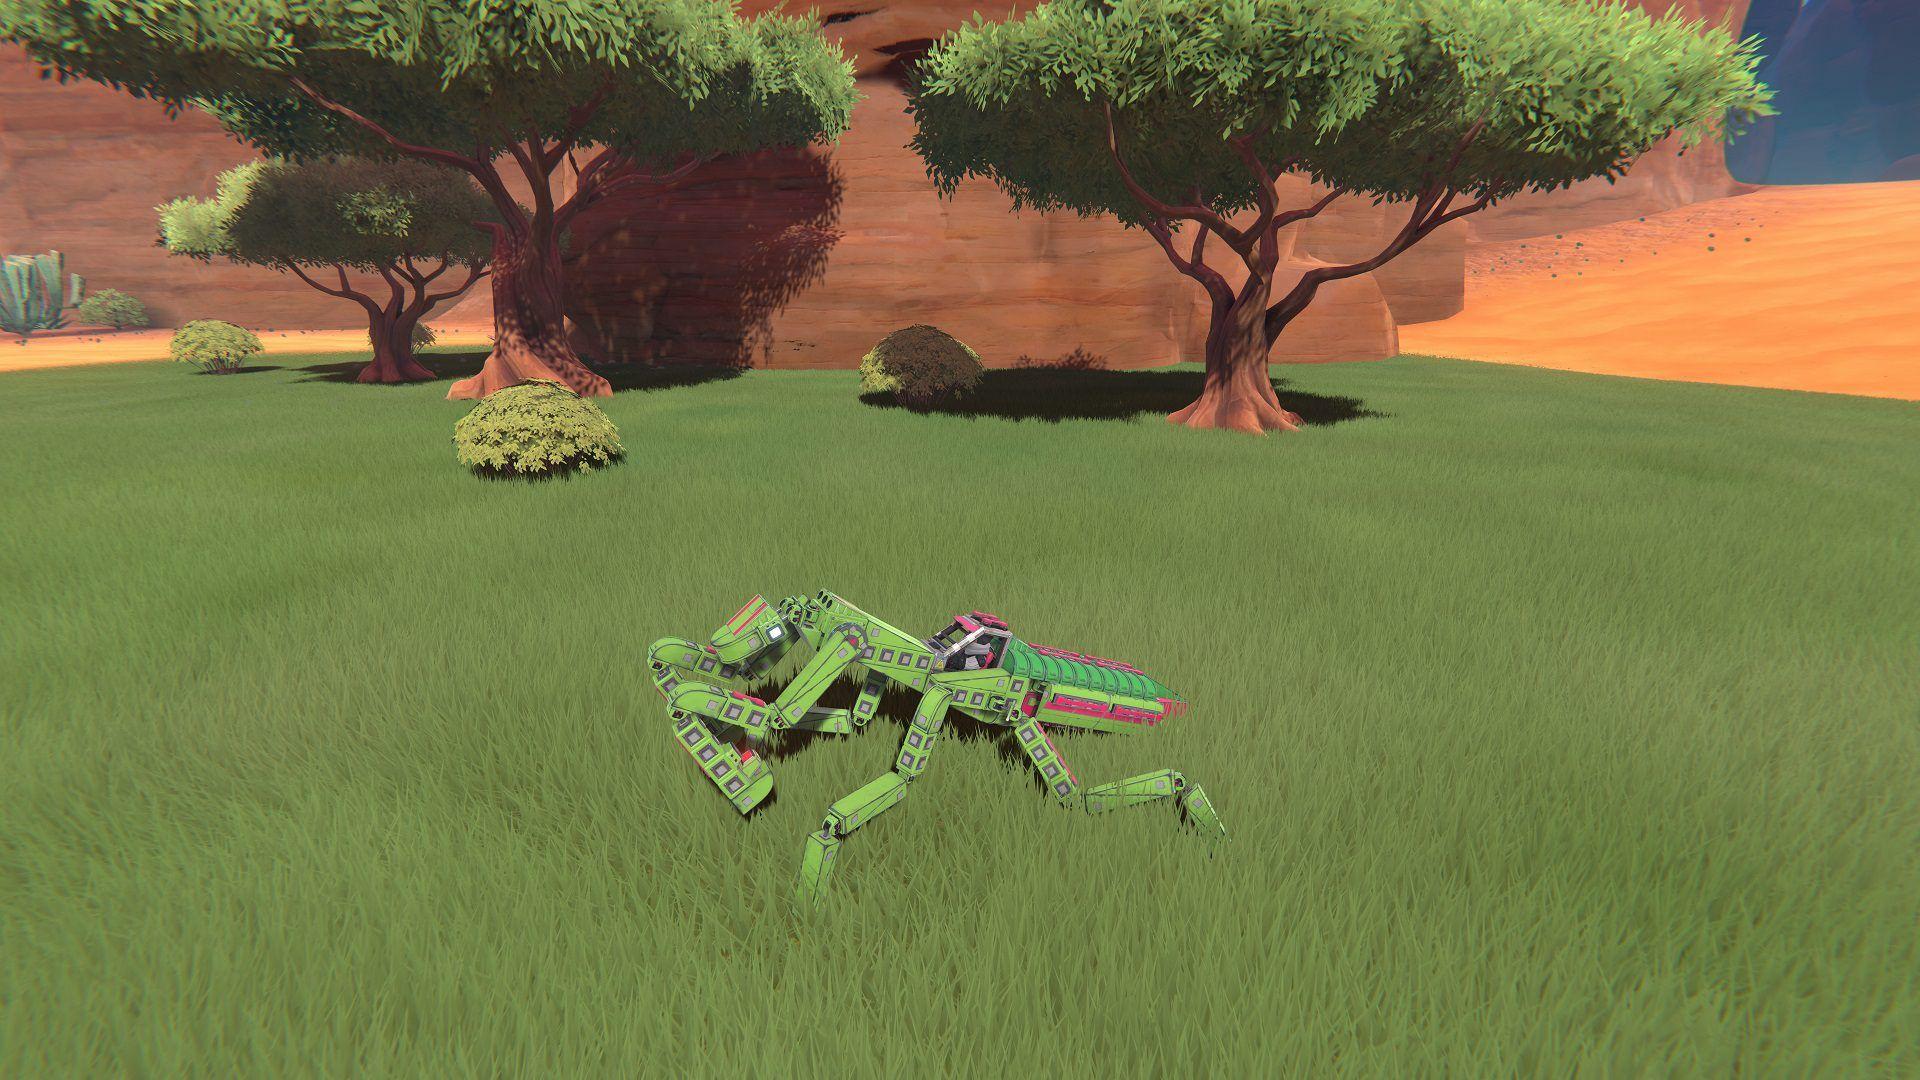 A praying mantis I made in Trailmakers,#praying#mantis